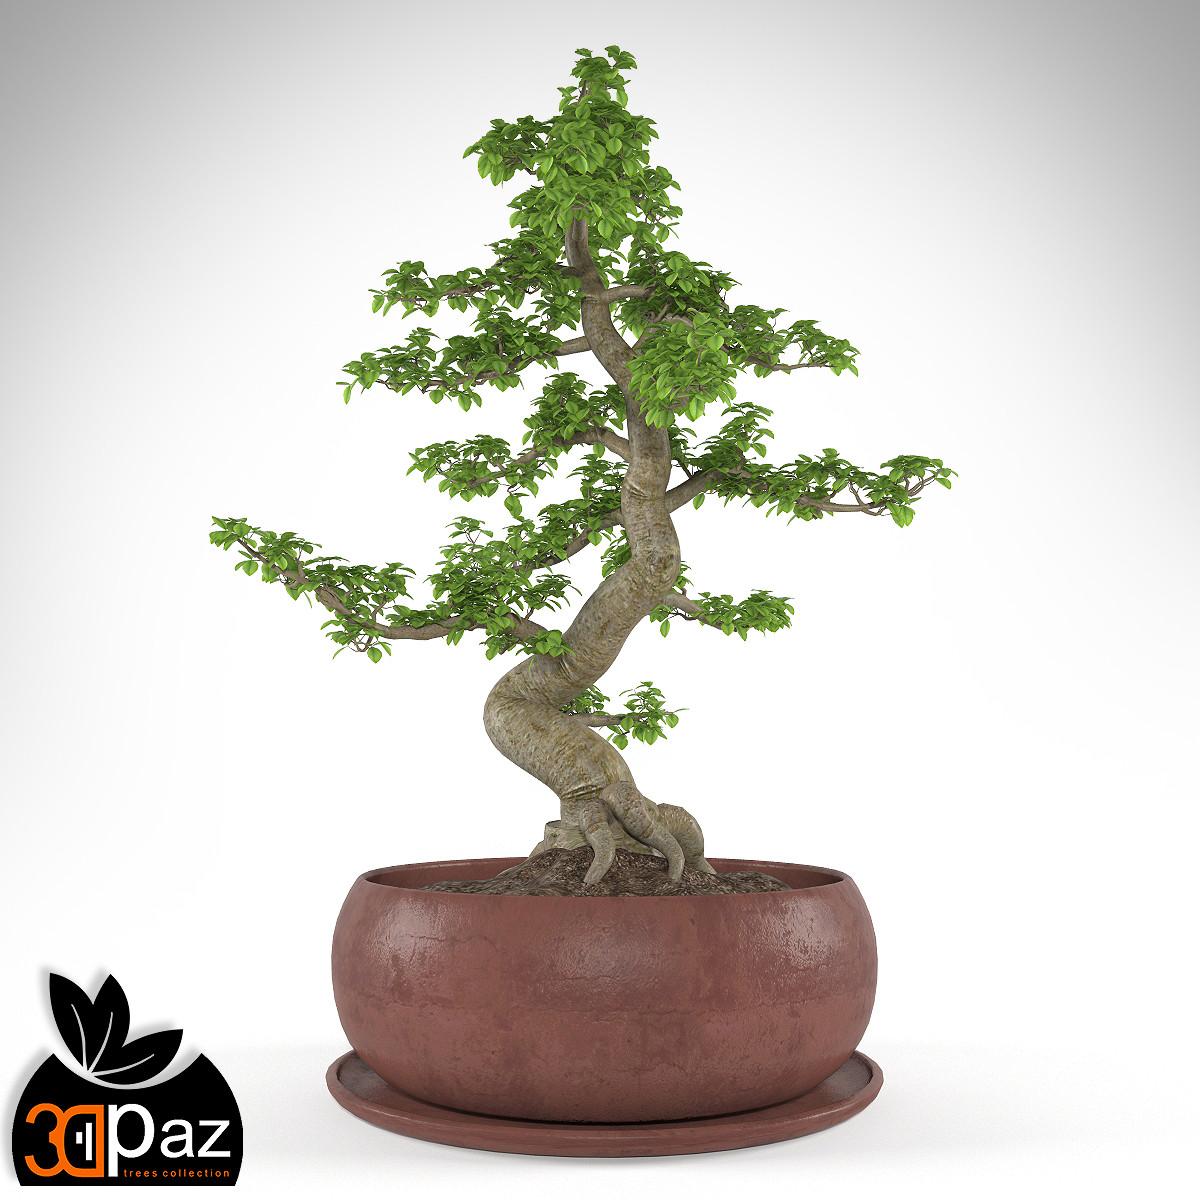 ficus_bonsai_by_3DPaz_pic_01.jpg